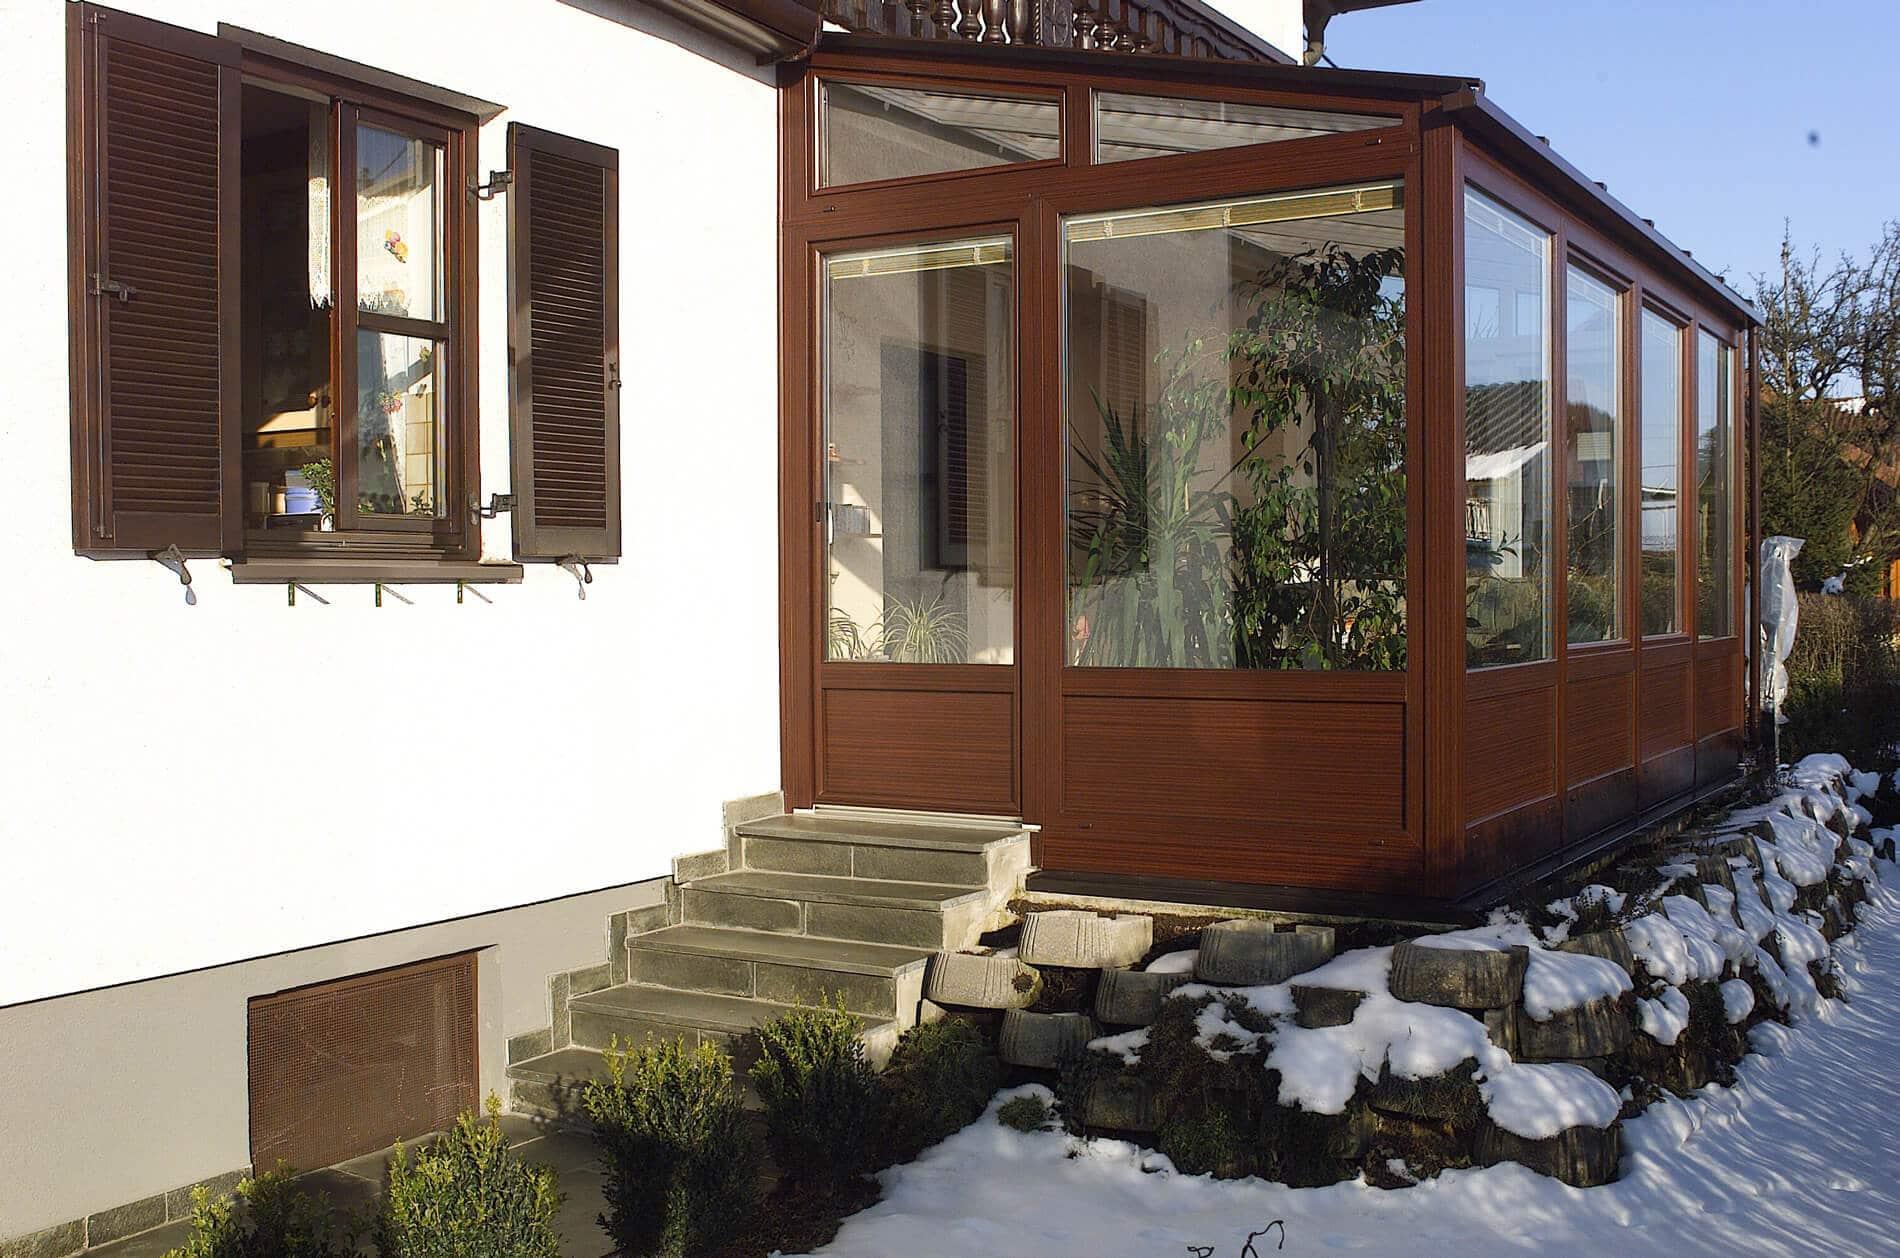 Wohnraumerweiterung mit Wintergarten